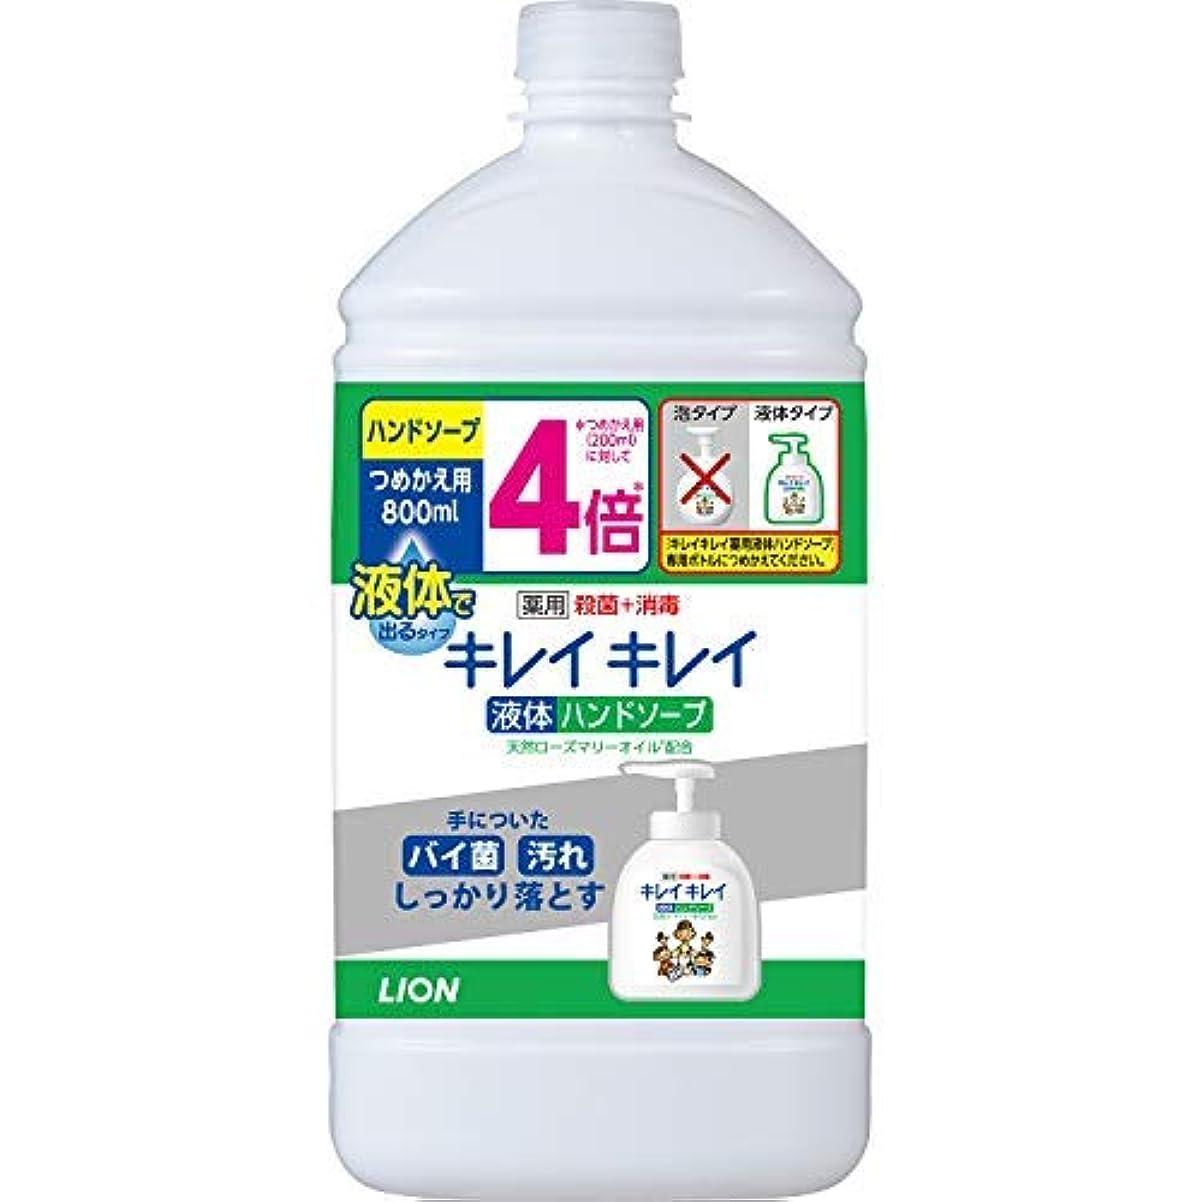 ベンチャー全部ハッピーキレイキレイ 薬用液体ハンドソープ つめかえ用特大サイズシトラスフルーテイ × 8個セット